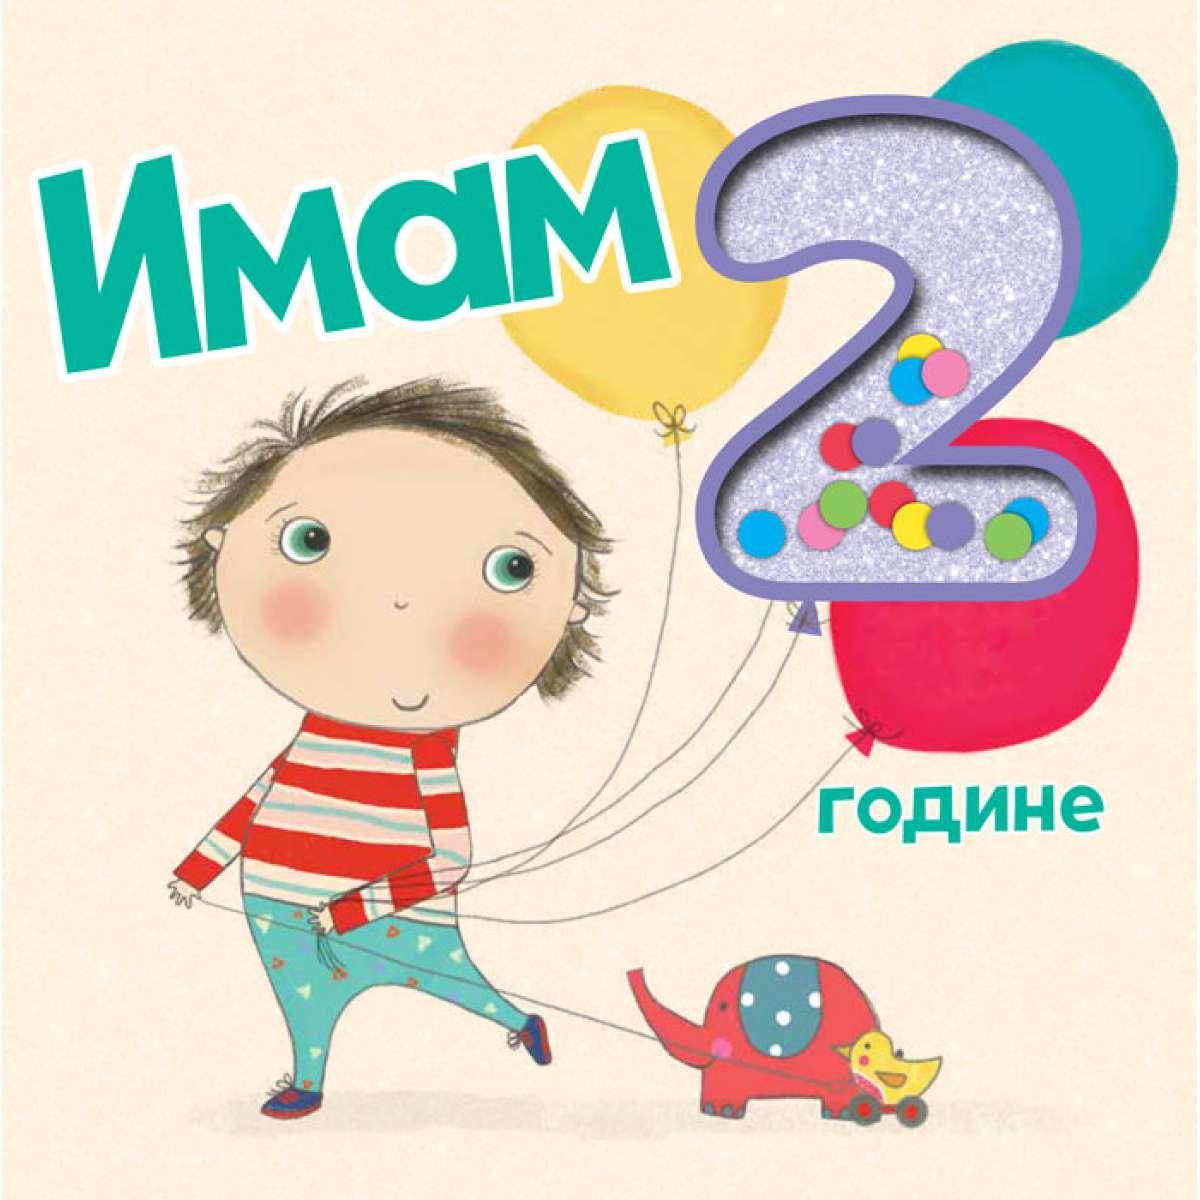 Imam 2 godine!